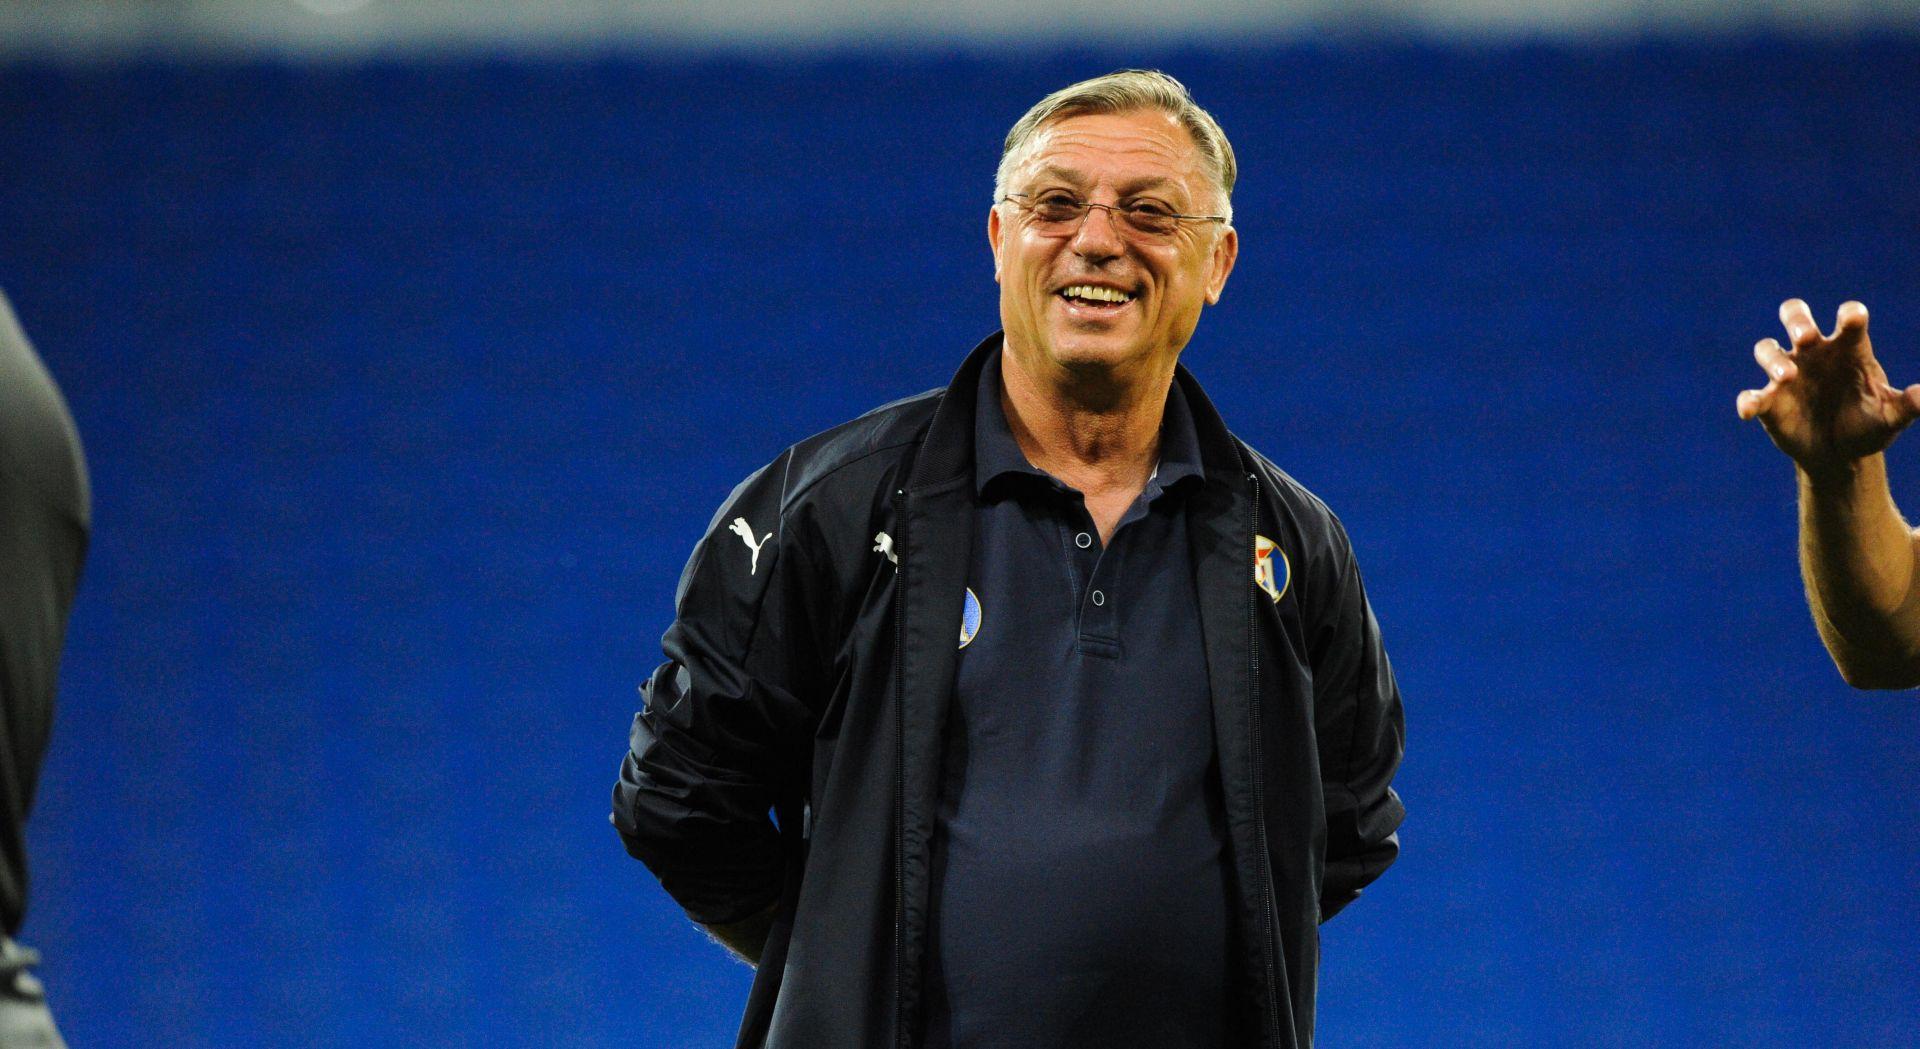 """KRANJČAR NAKON PORAZA """"Vidjeli smo koliko vrijedimo i koliko možemo, bit će bolje s Juventusom"""""""